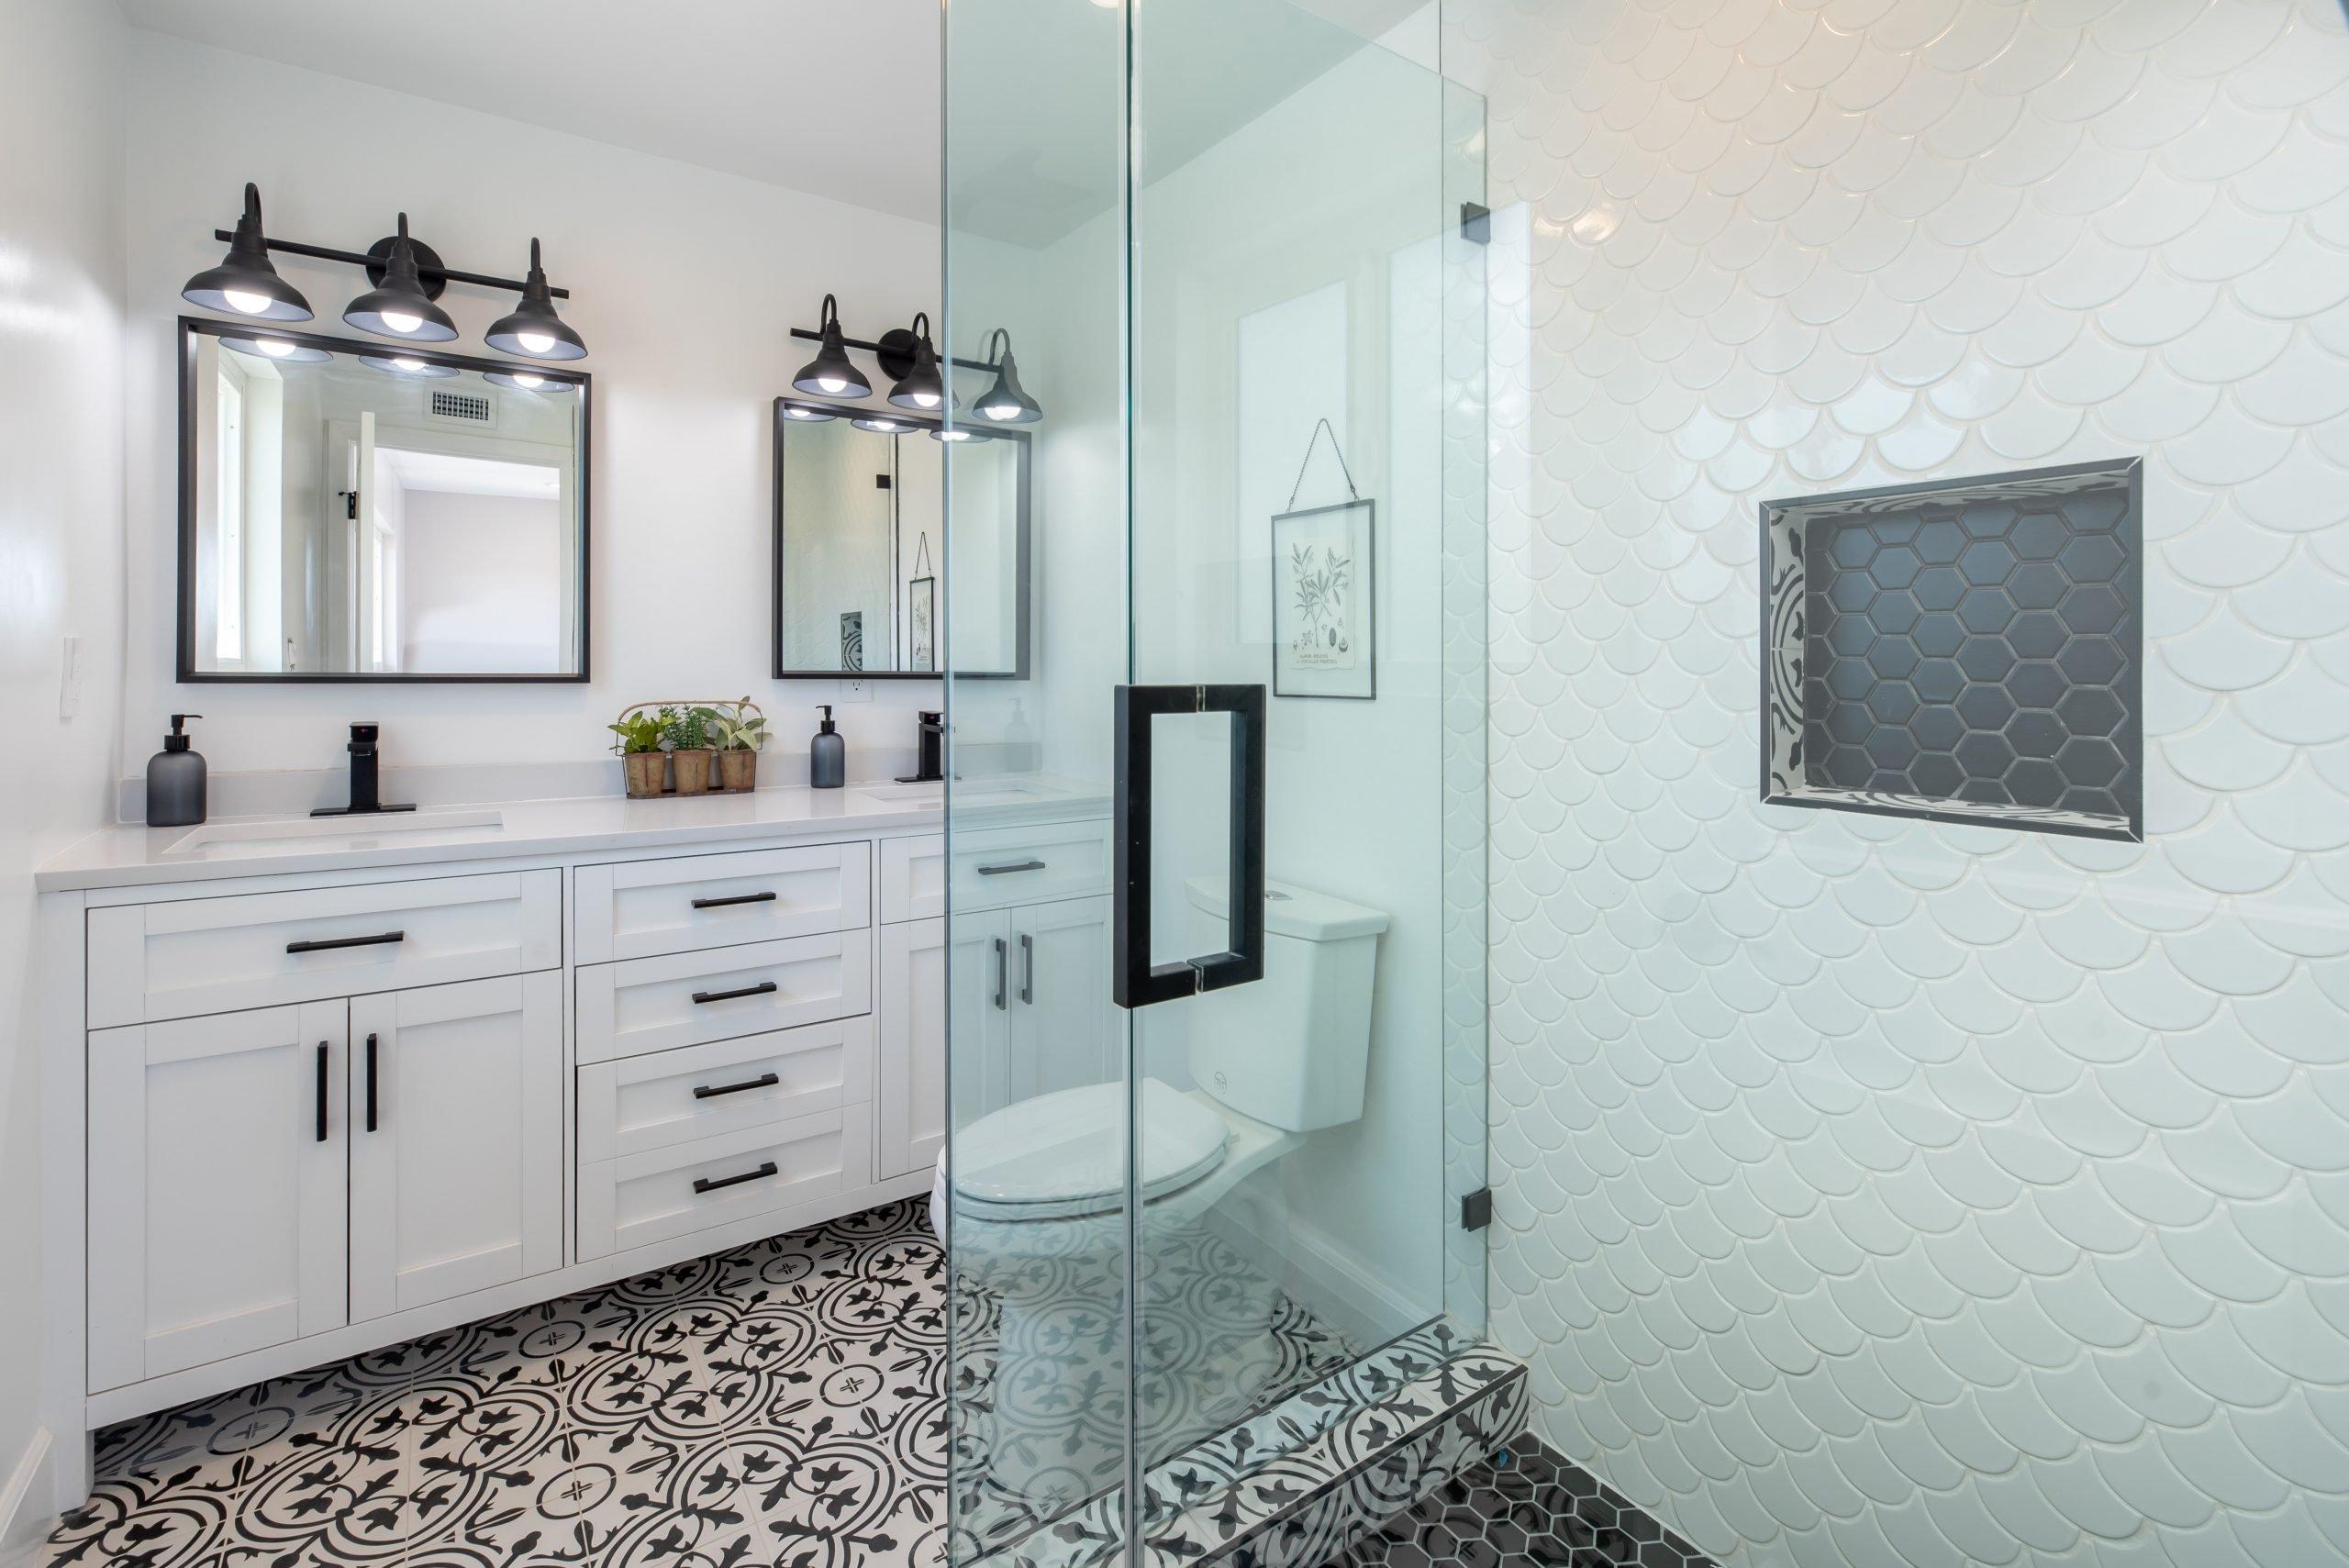 Kohler Cimarron Toilet Reviews and Comparisons